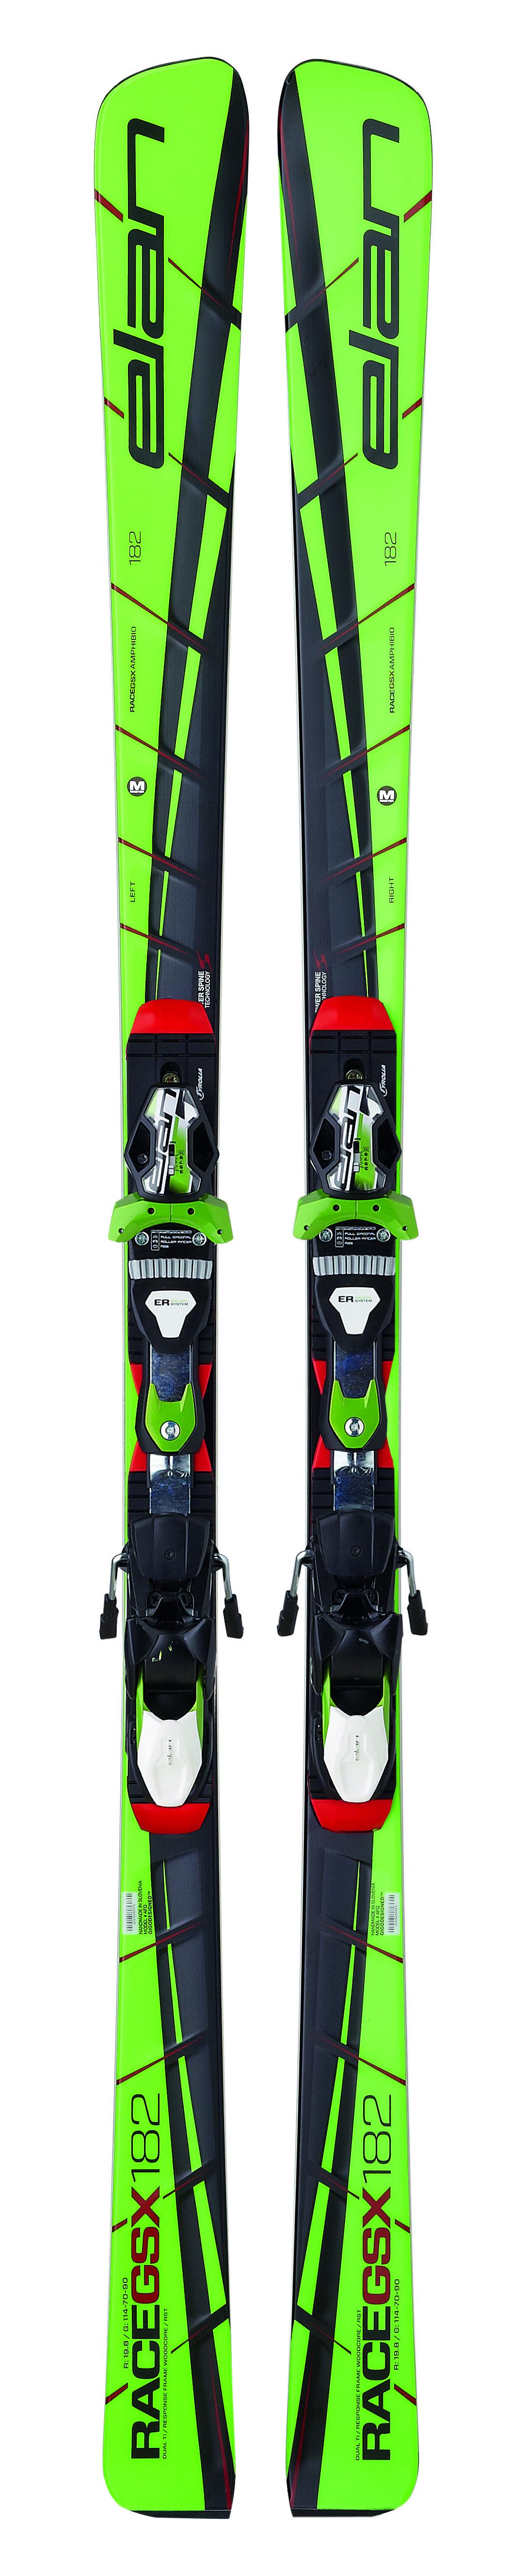 Горные лыжи Elan 2015-16 GSX MASTER PLATE /, Горные лыжи - арт. 606500420